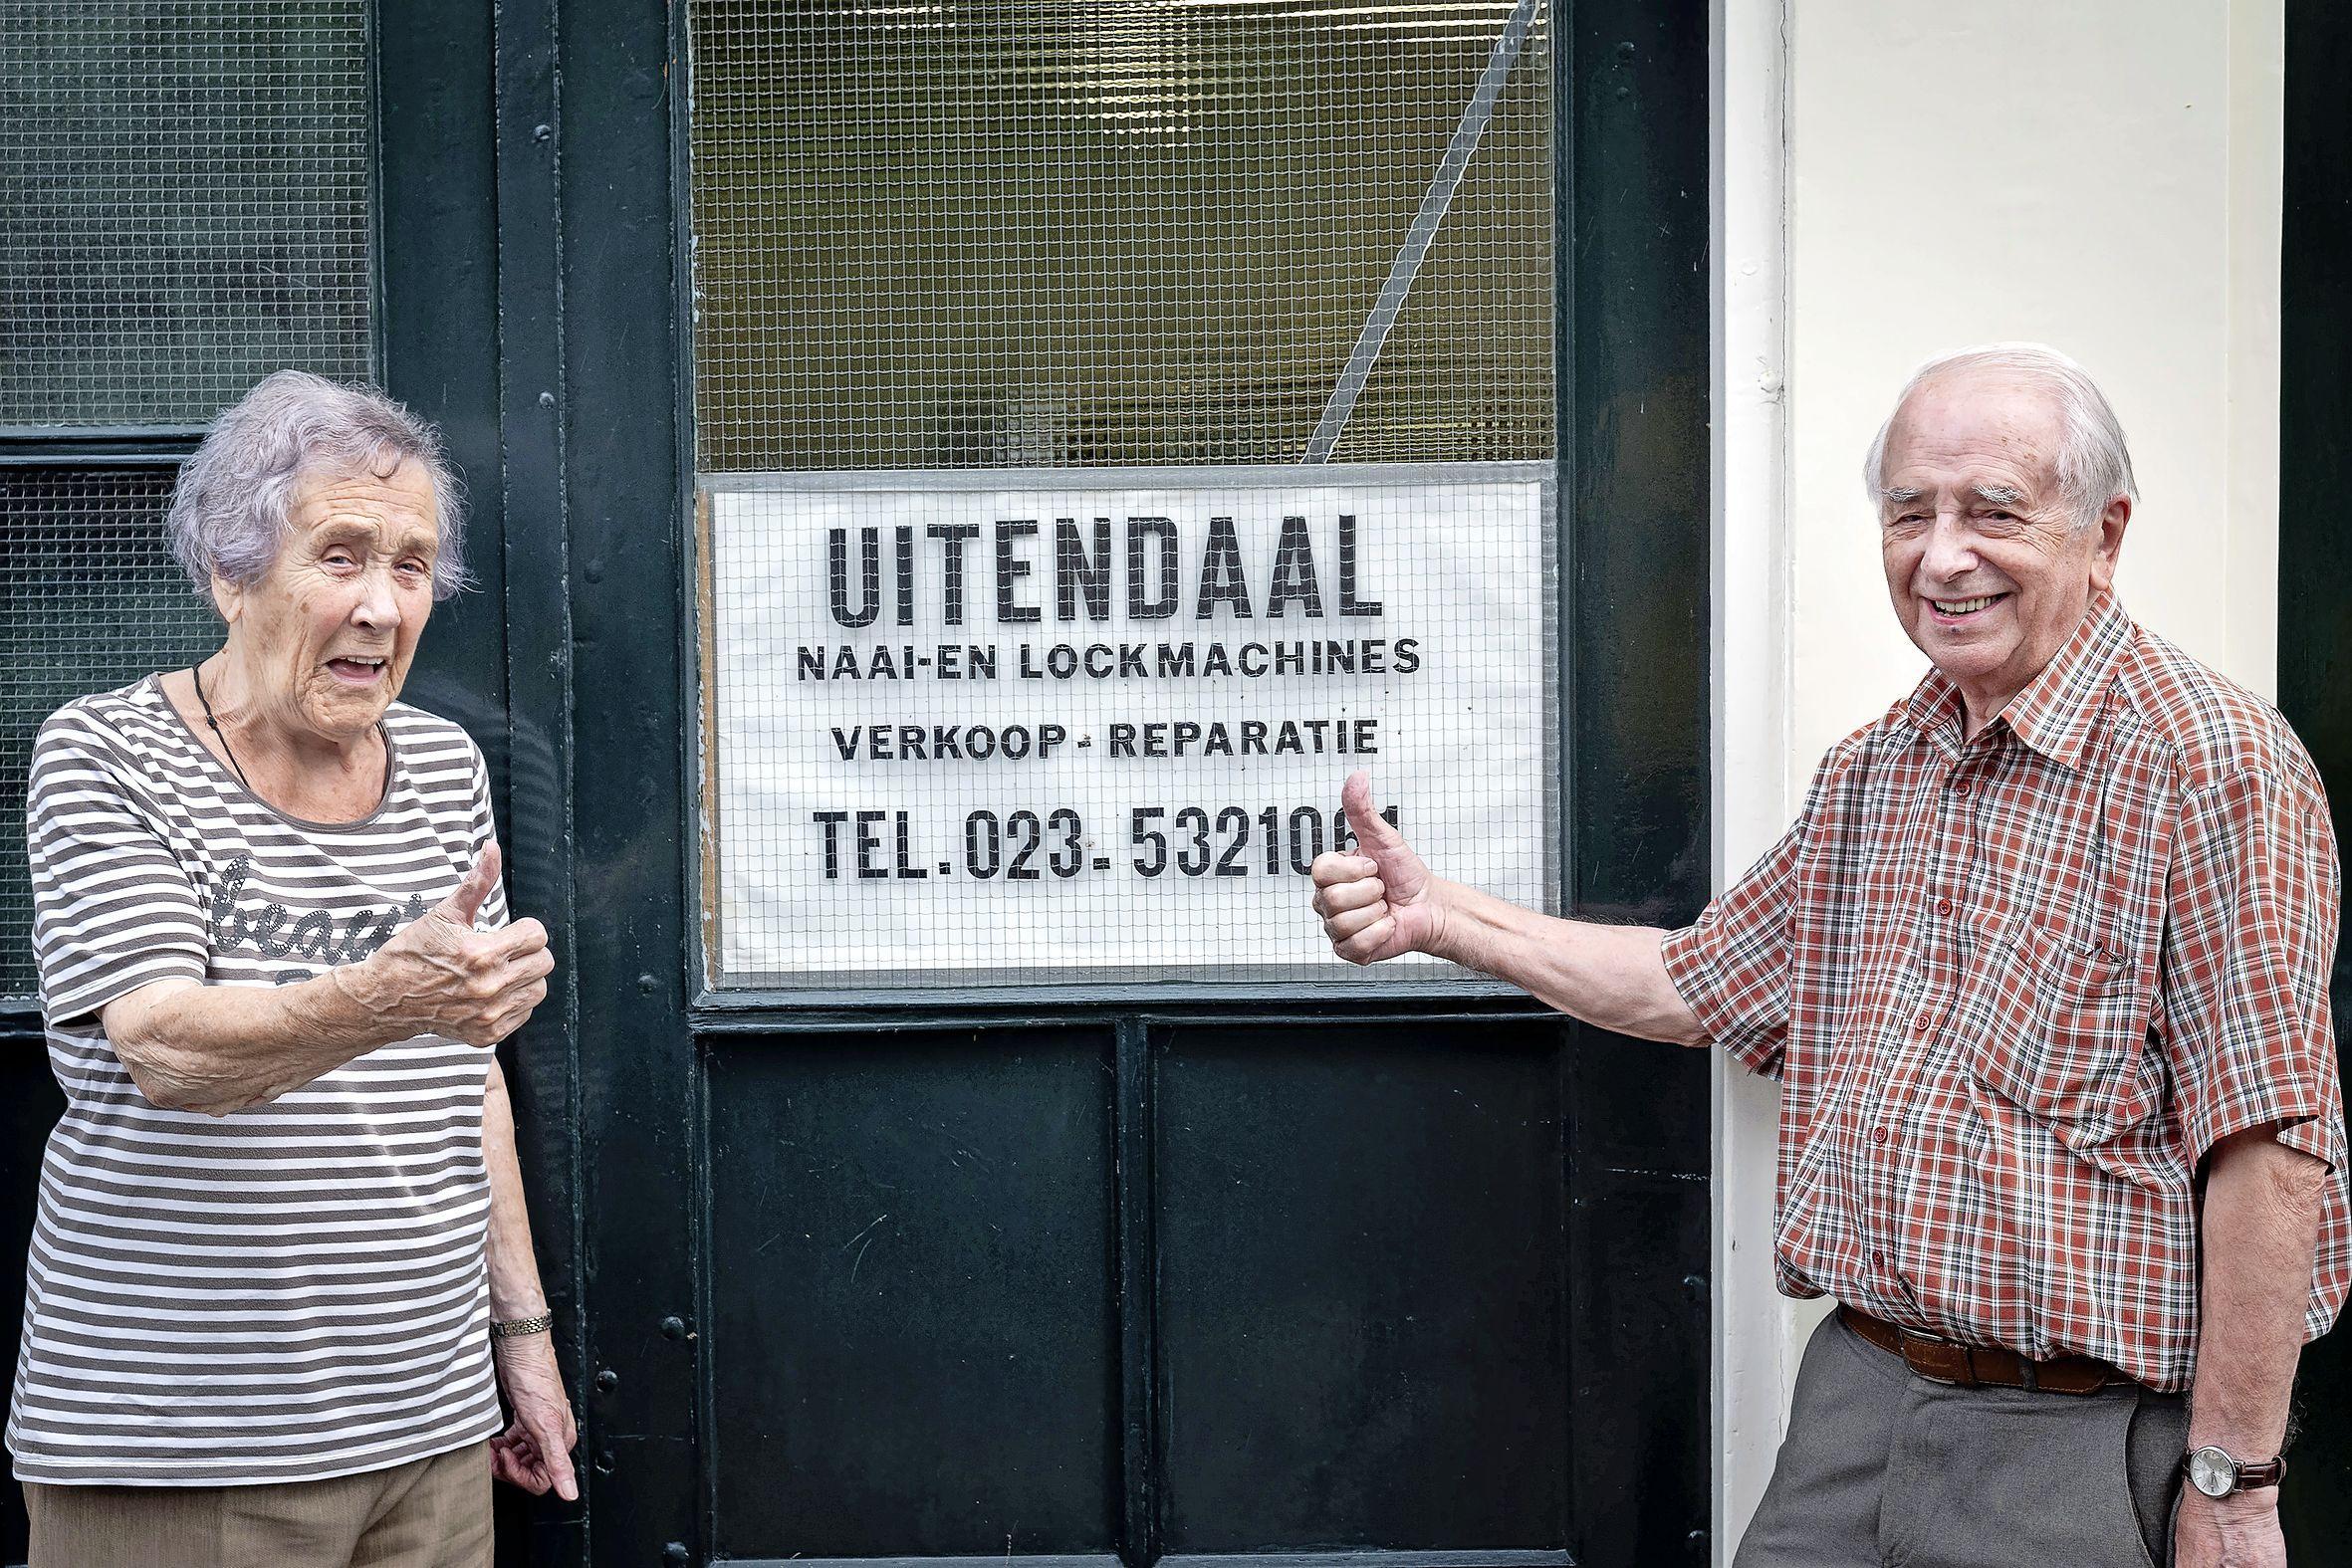 Naaimachineman Cor Uitendaal (92) is eindelijk met pensioen. 'Mijn werk is mijn hobby'